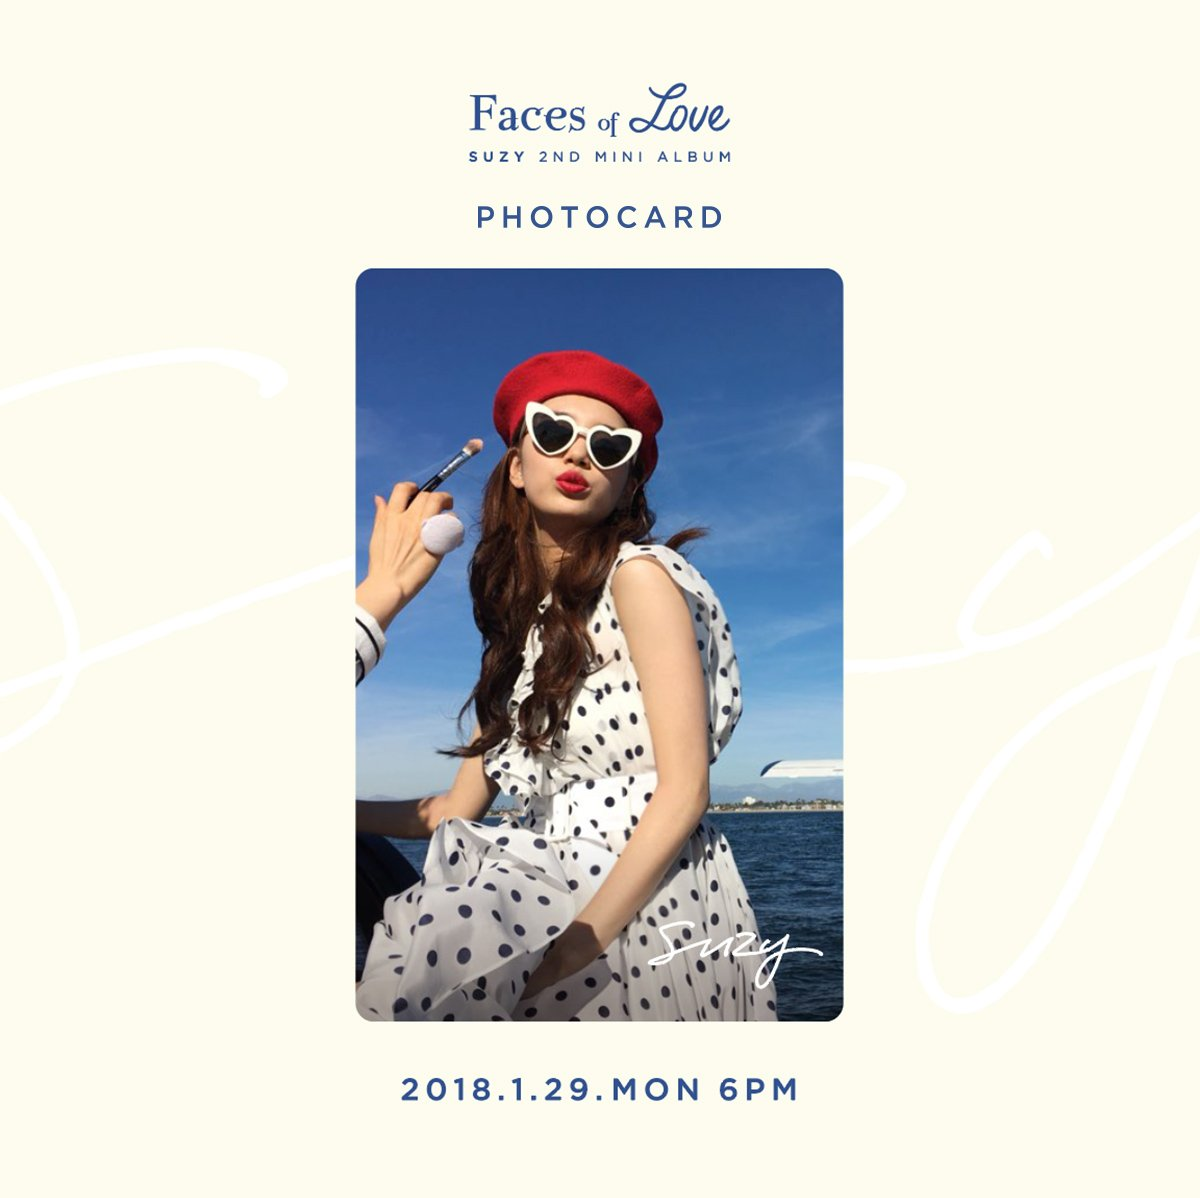 Suzy-Faces-of-Love-Photocard.jpg